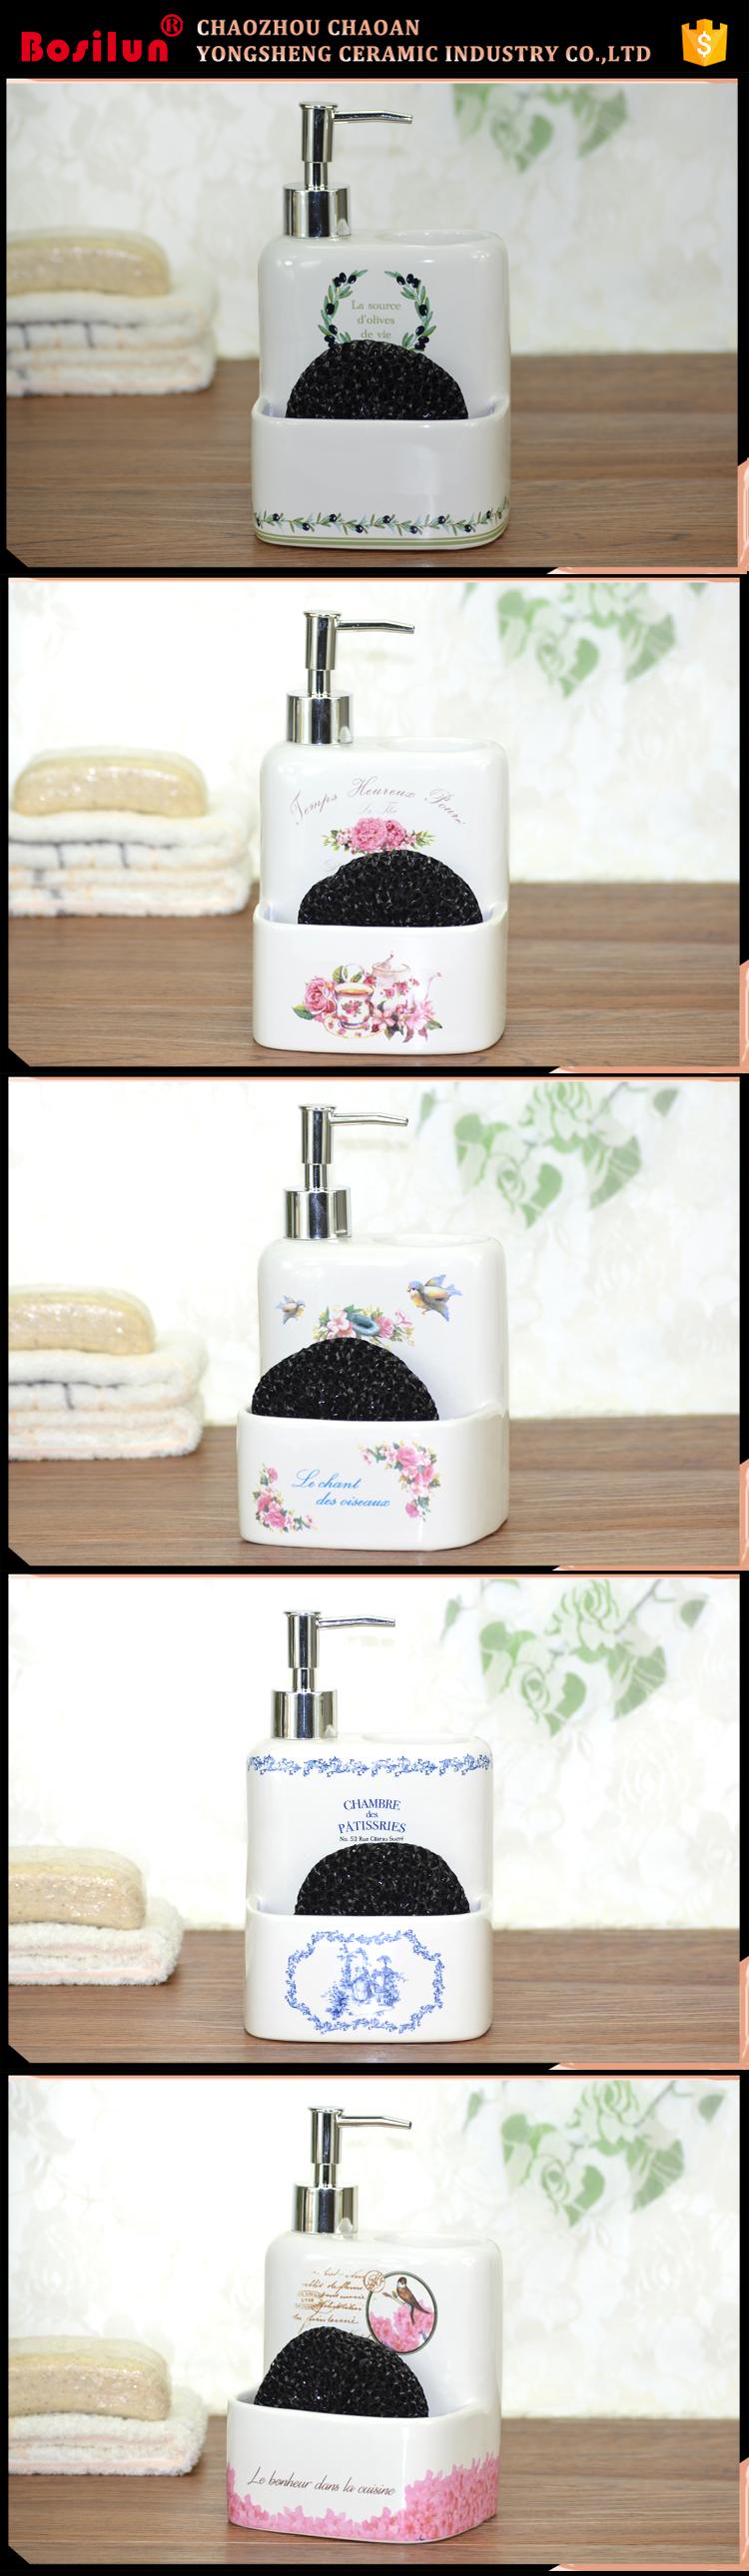 Salle De Bain Motif Fleur ~ salle de bains carr fleur decaled motif c ramique mousse